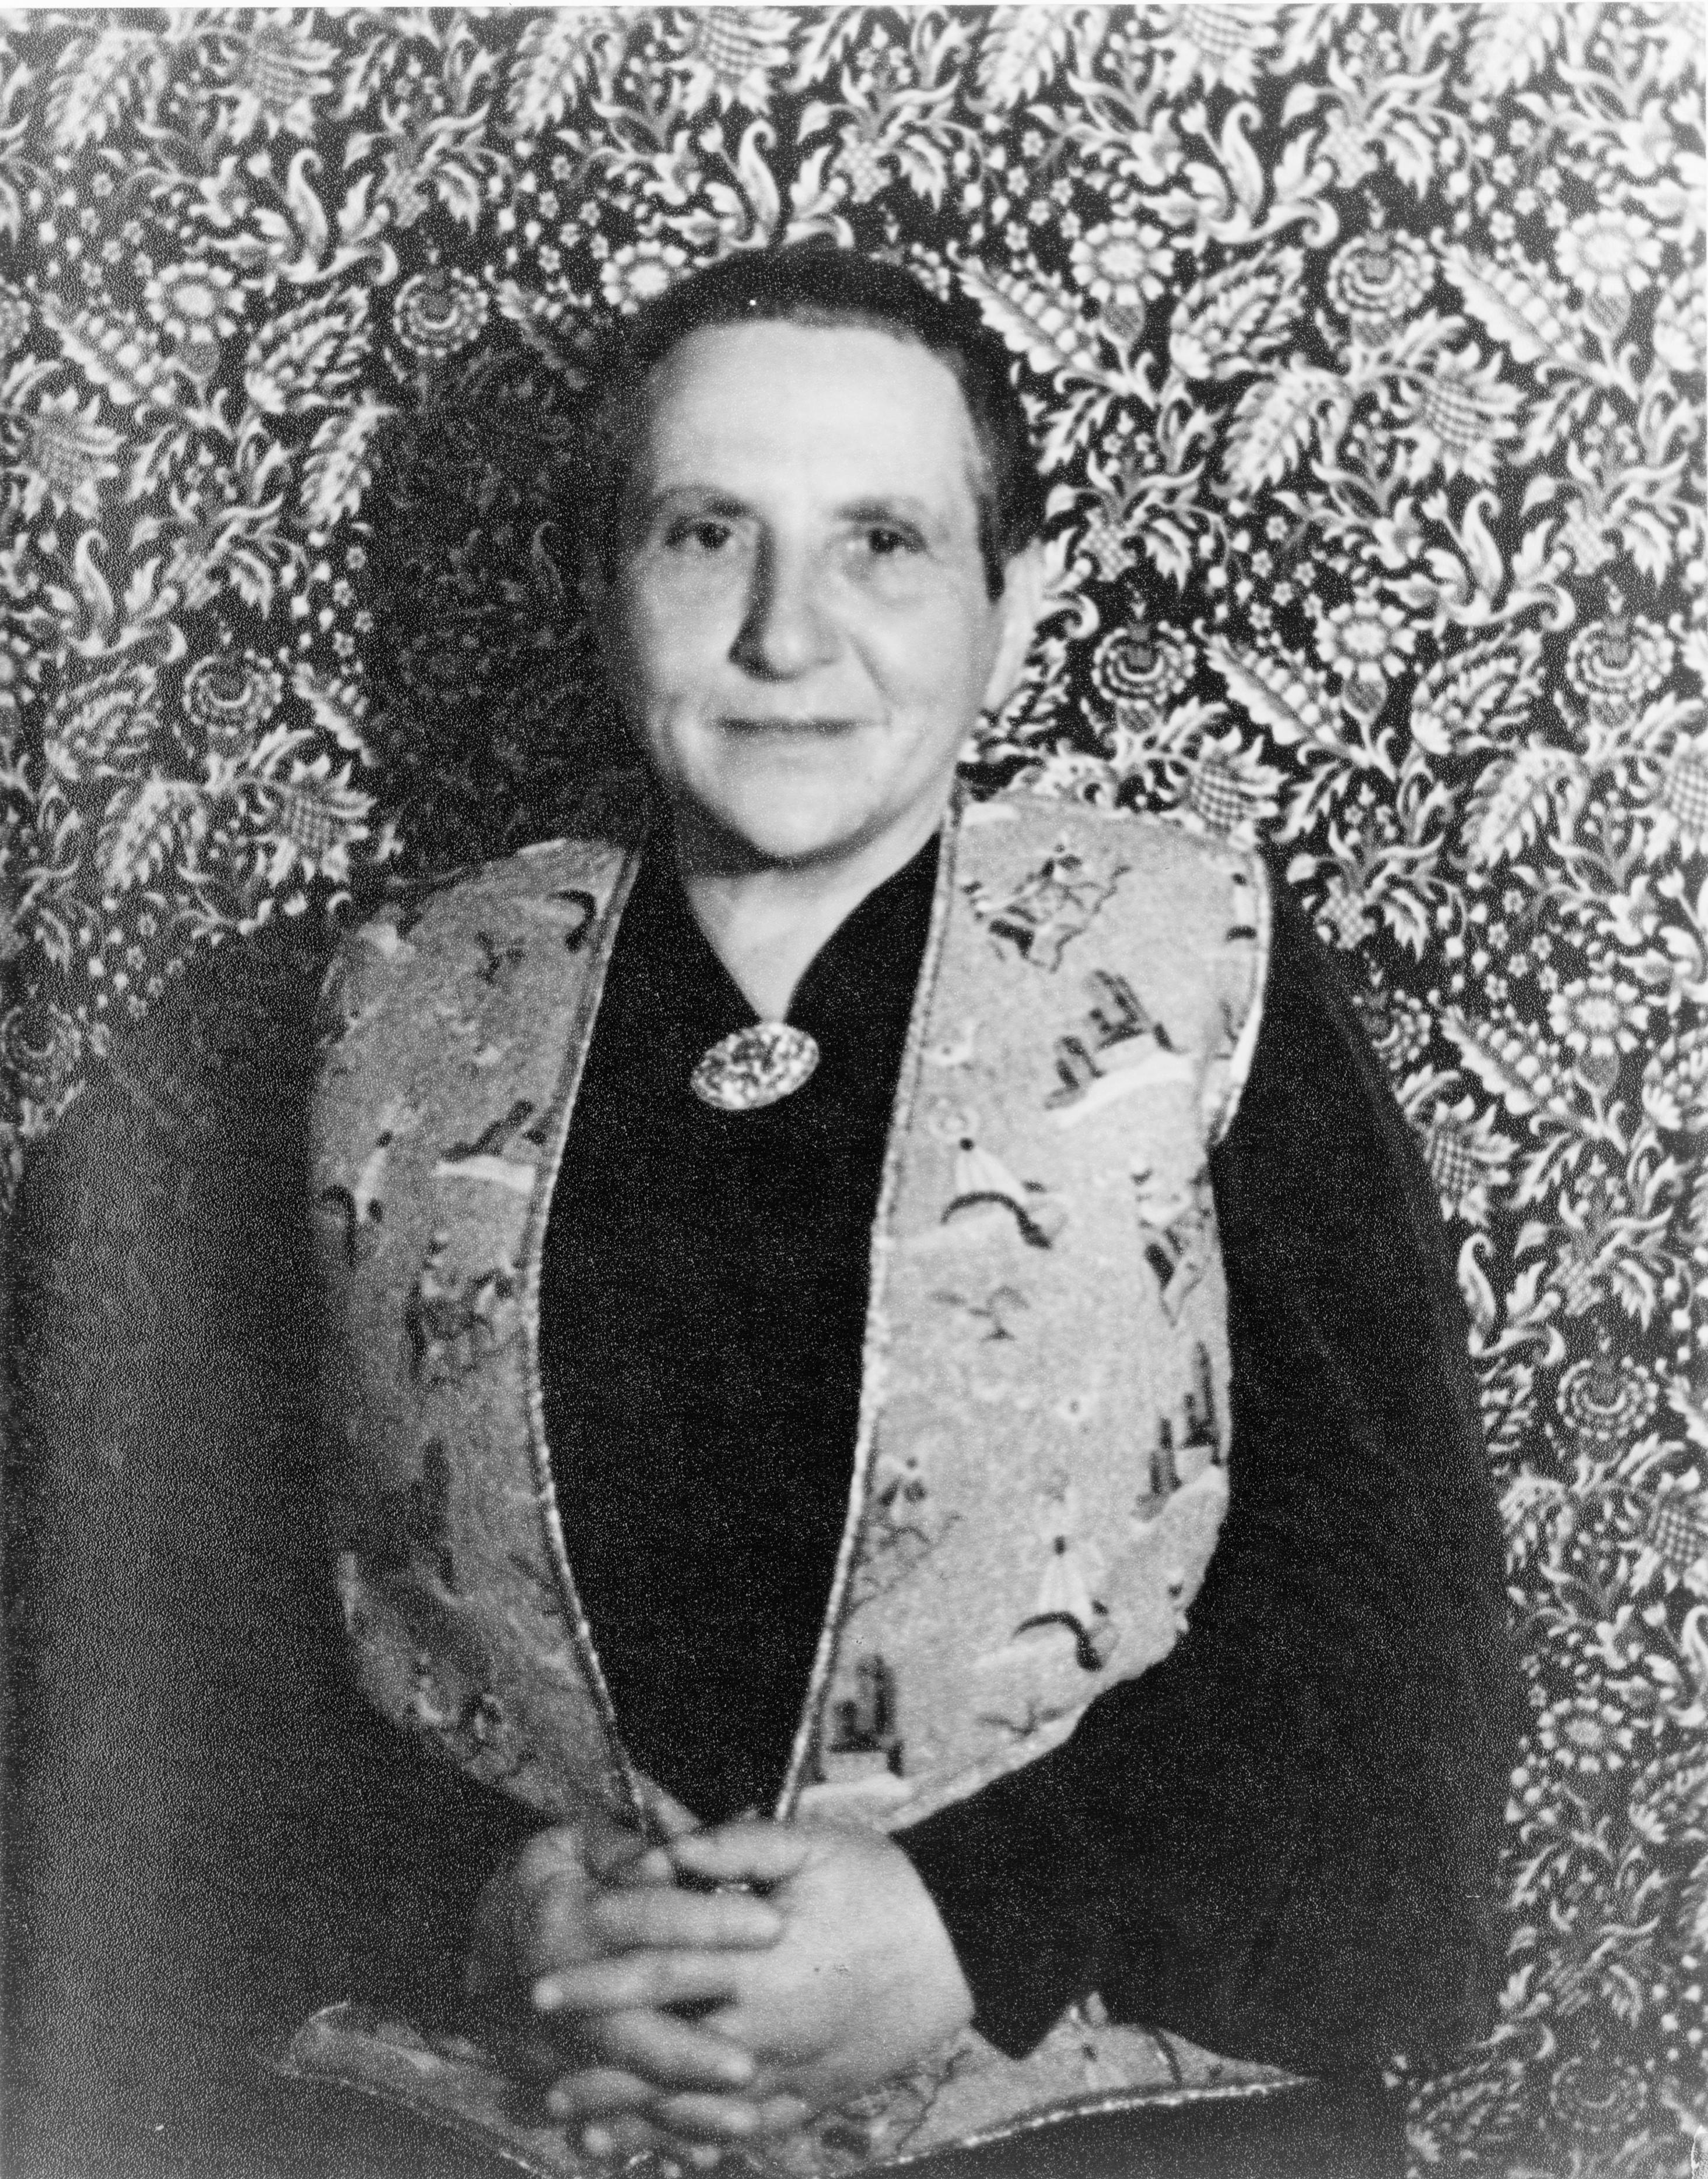 File:Gertrude stein.jpg